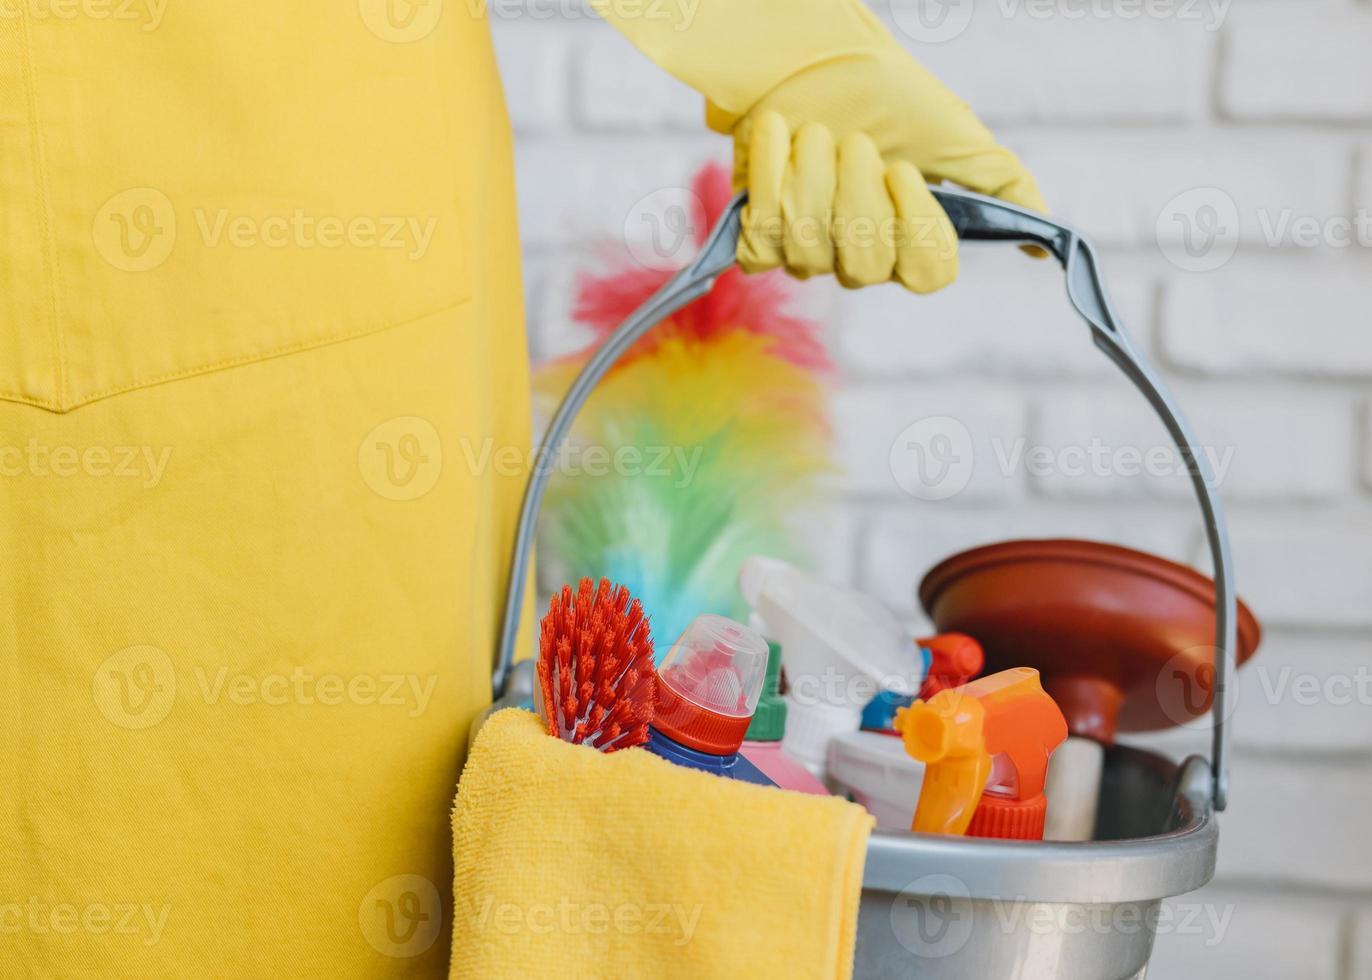 närbild hink med rengöringsprodukter foto